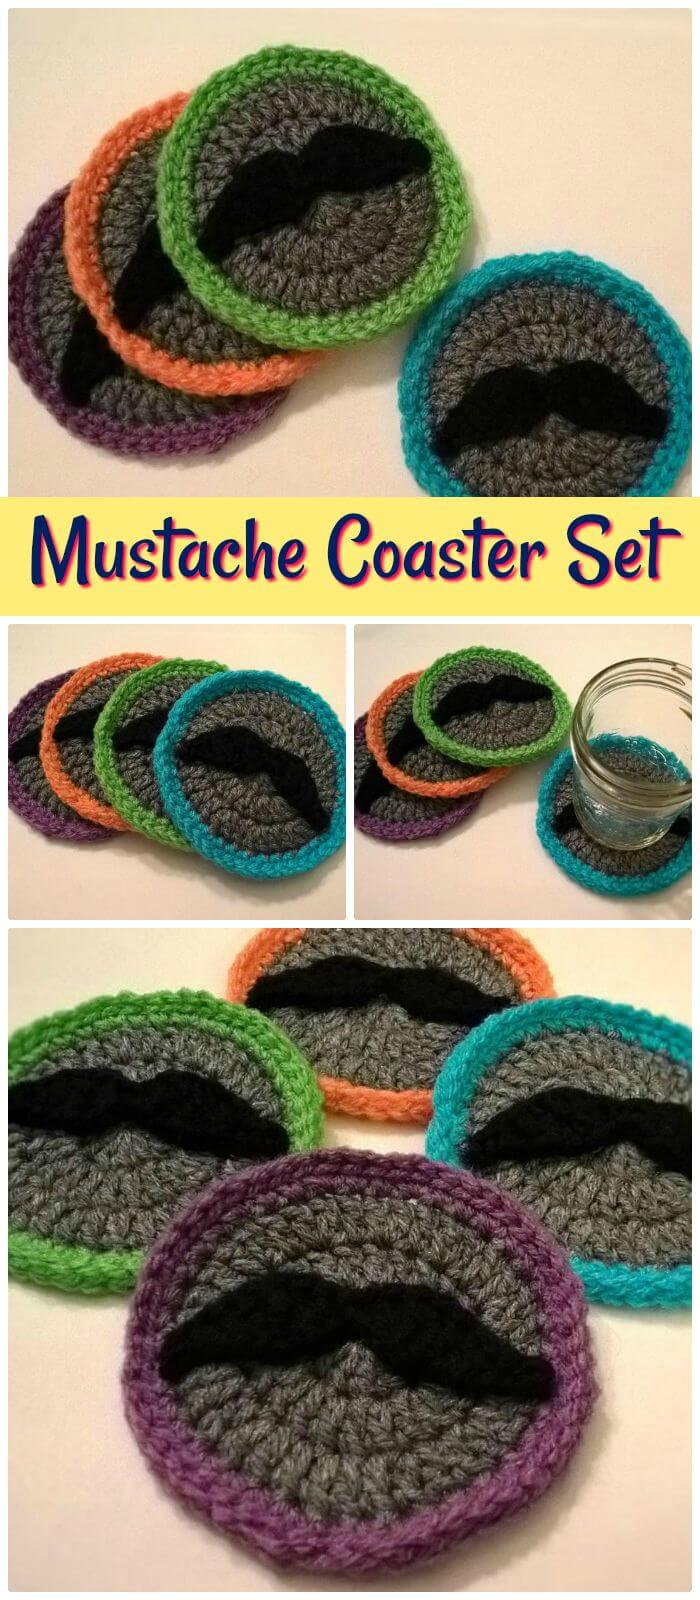 DIY Moustache Coaster Set-Free Crochet Pattern, ¡Posavasos de crochet rápidos y fáciles con patrones gratuitos completos!  ¡Patrones sencillos de crochet posavasos gratis!